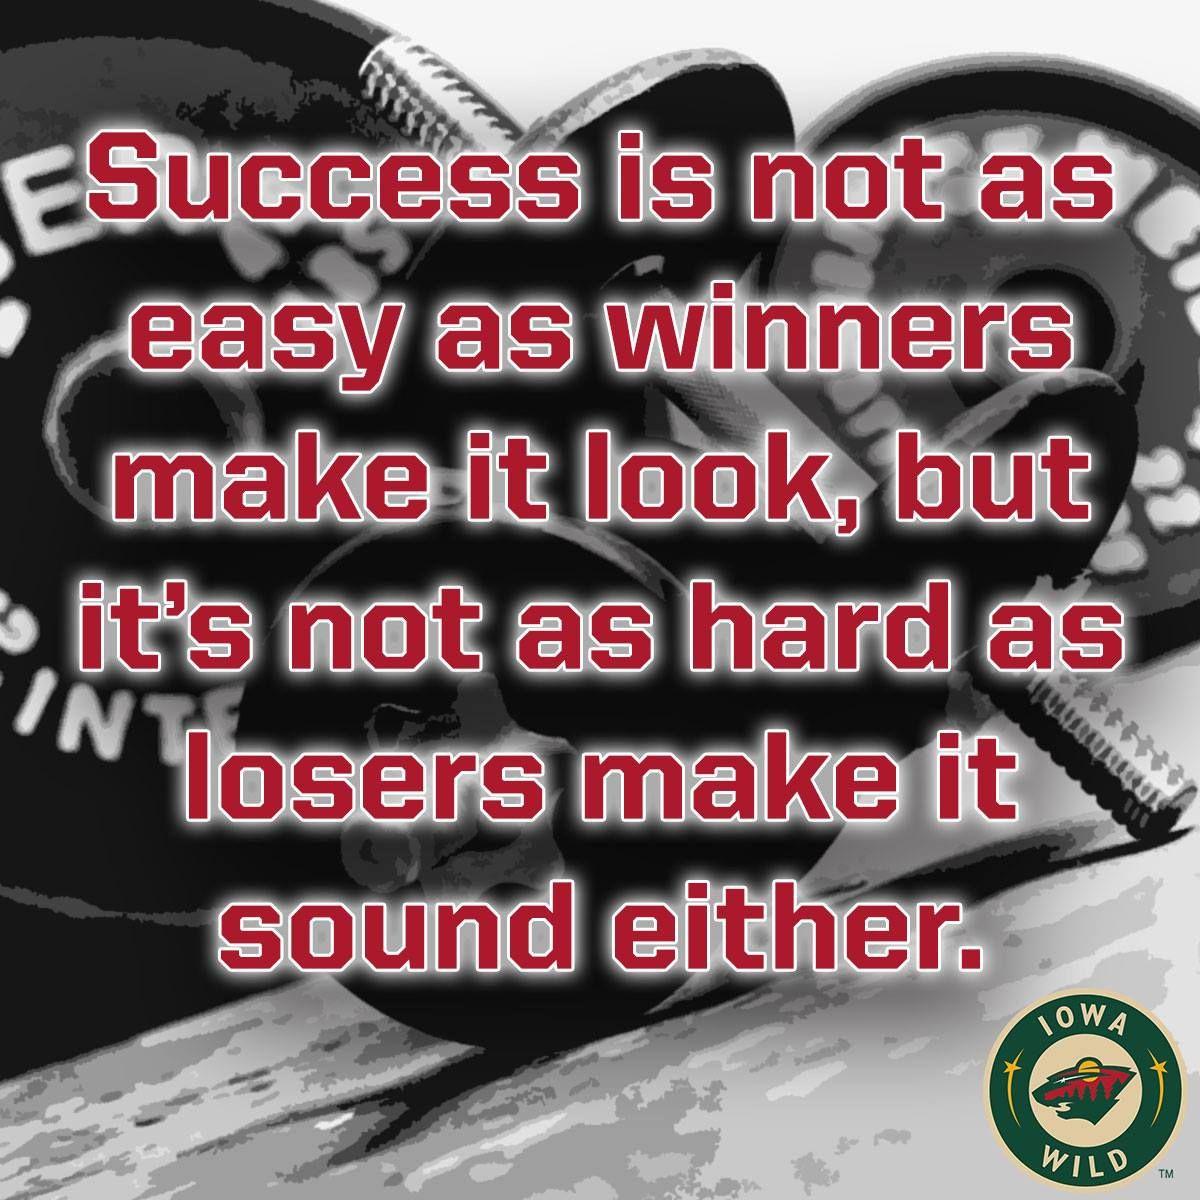 #Motivation #hockey #IAWild #quote